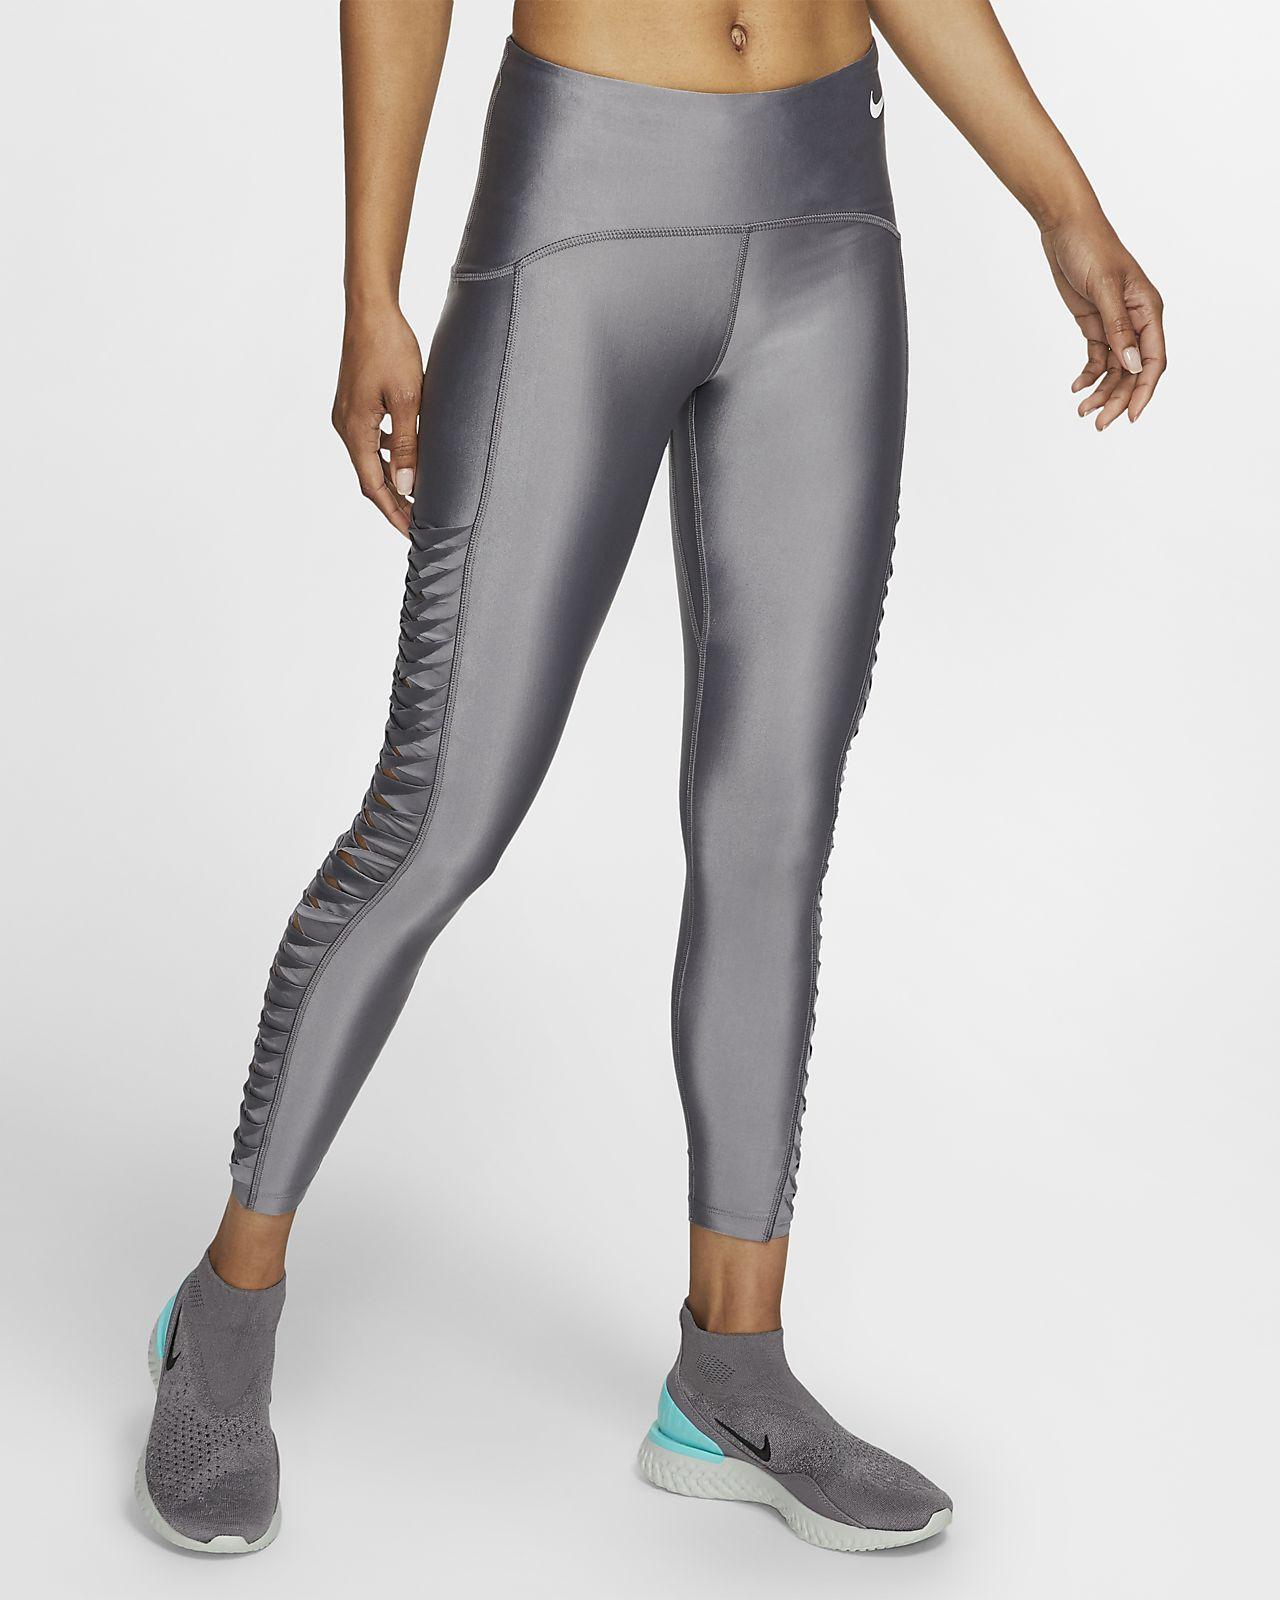 Nike Speed 7/8-os testhezálló női futónadrág